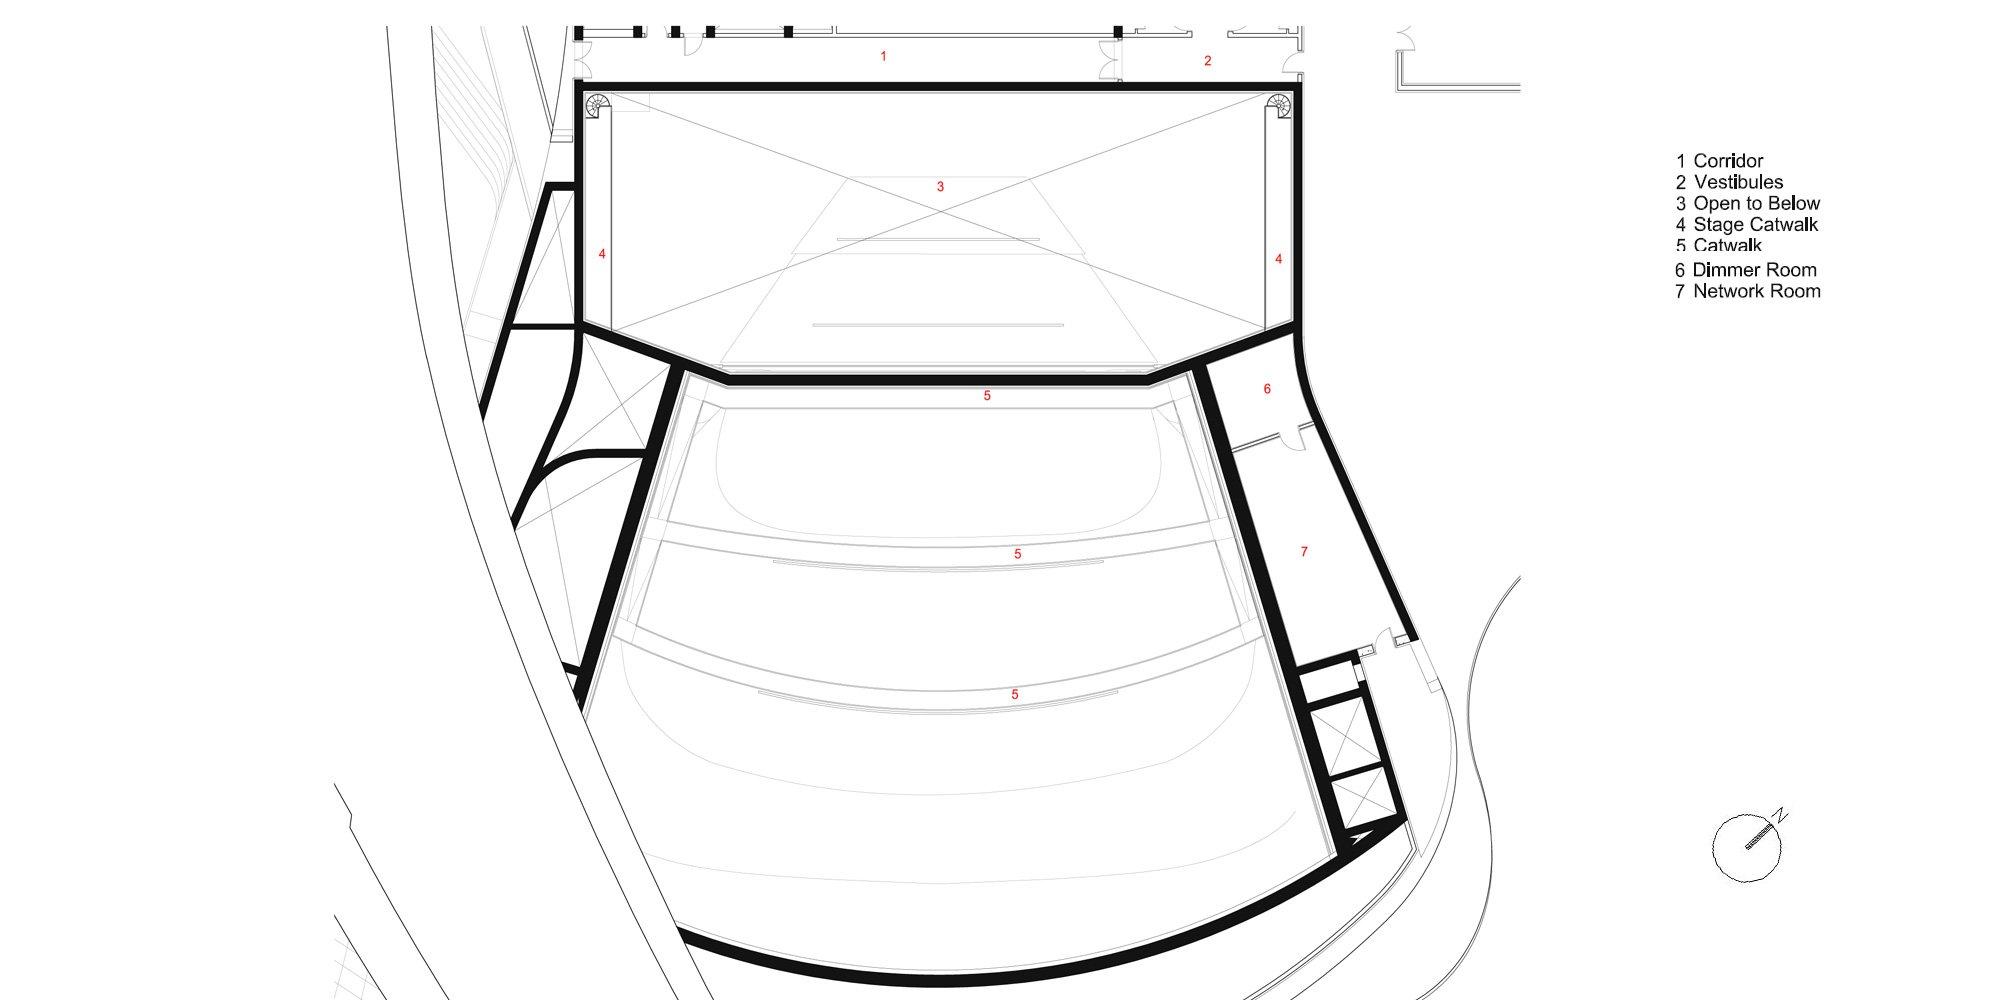 Pianta Piano Terzo © Zaha Hadid Architects